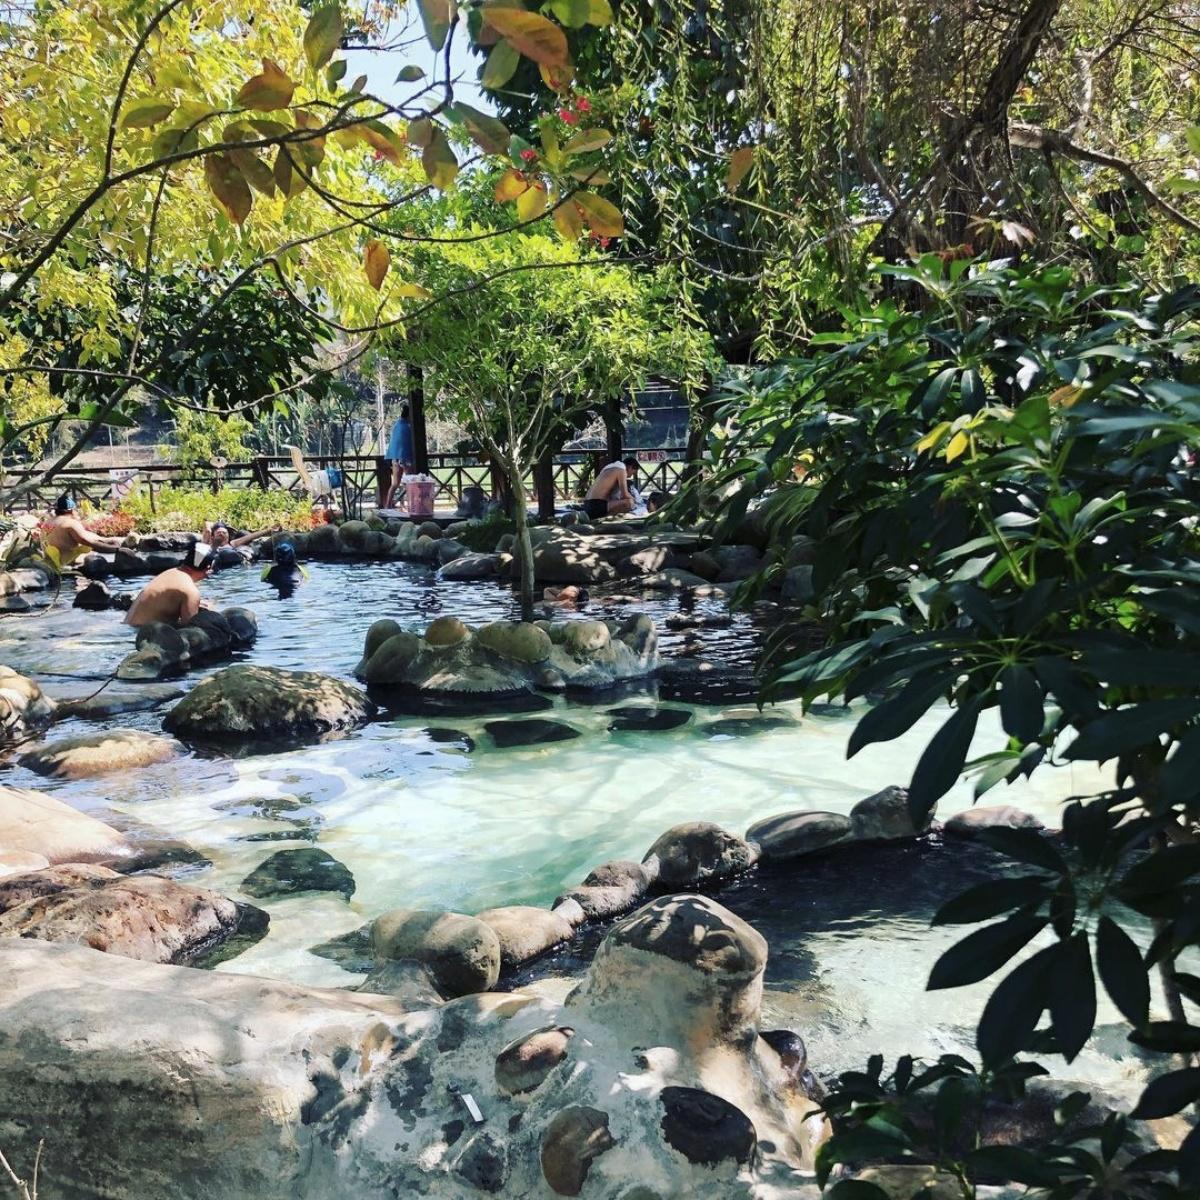 來場秘境溫泉之旅!特蒐臺灣6個「溫泉景點」。絕美藍色溫泉、夢幻玻璃湯屋必去!   溫泉、秘境、打卡景點 ...